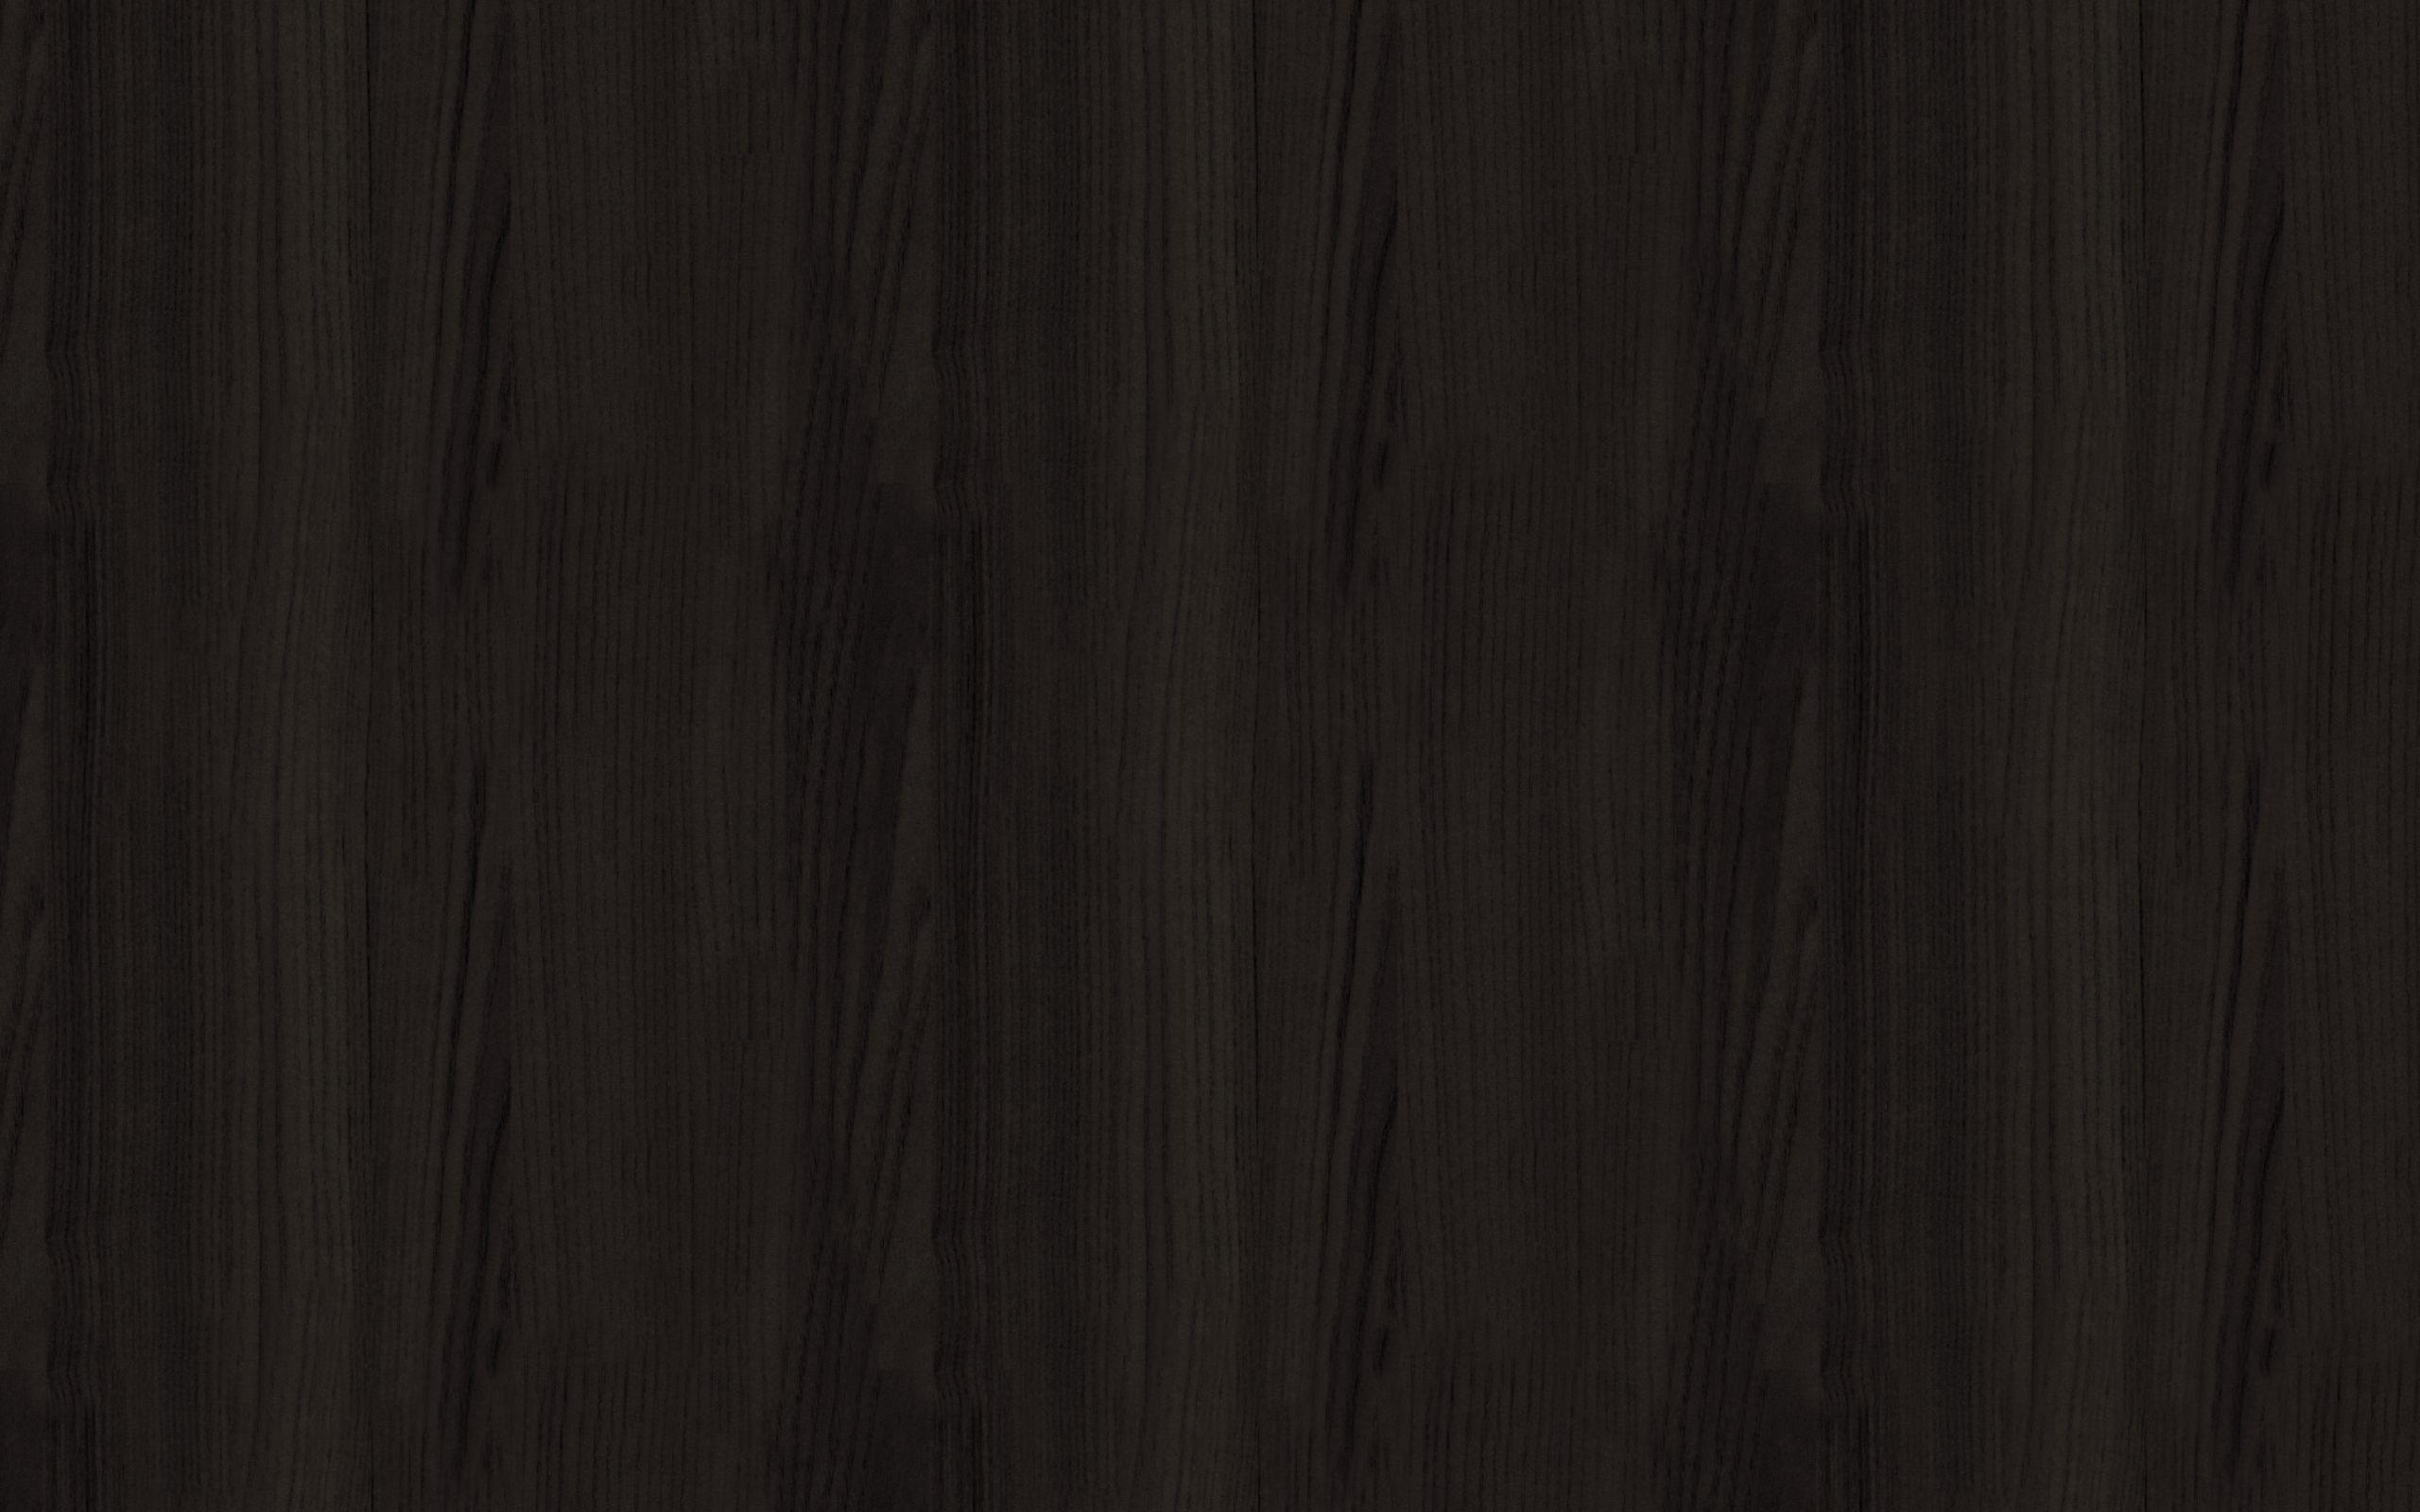 2560x1600 Wallpaper Texture Background Wood Dark | Хочу здесь ...